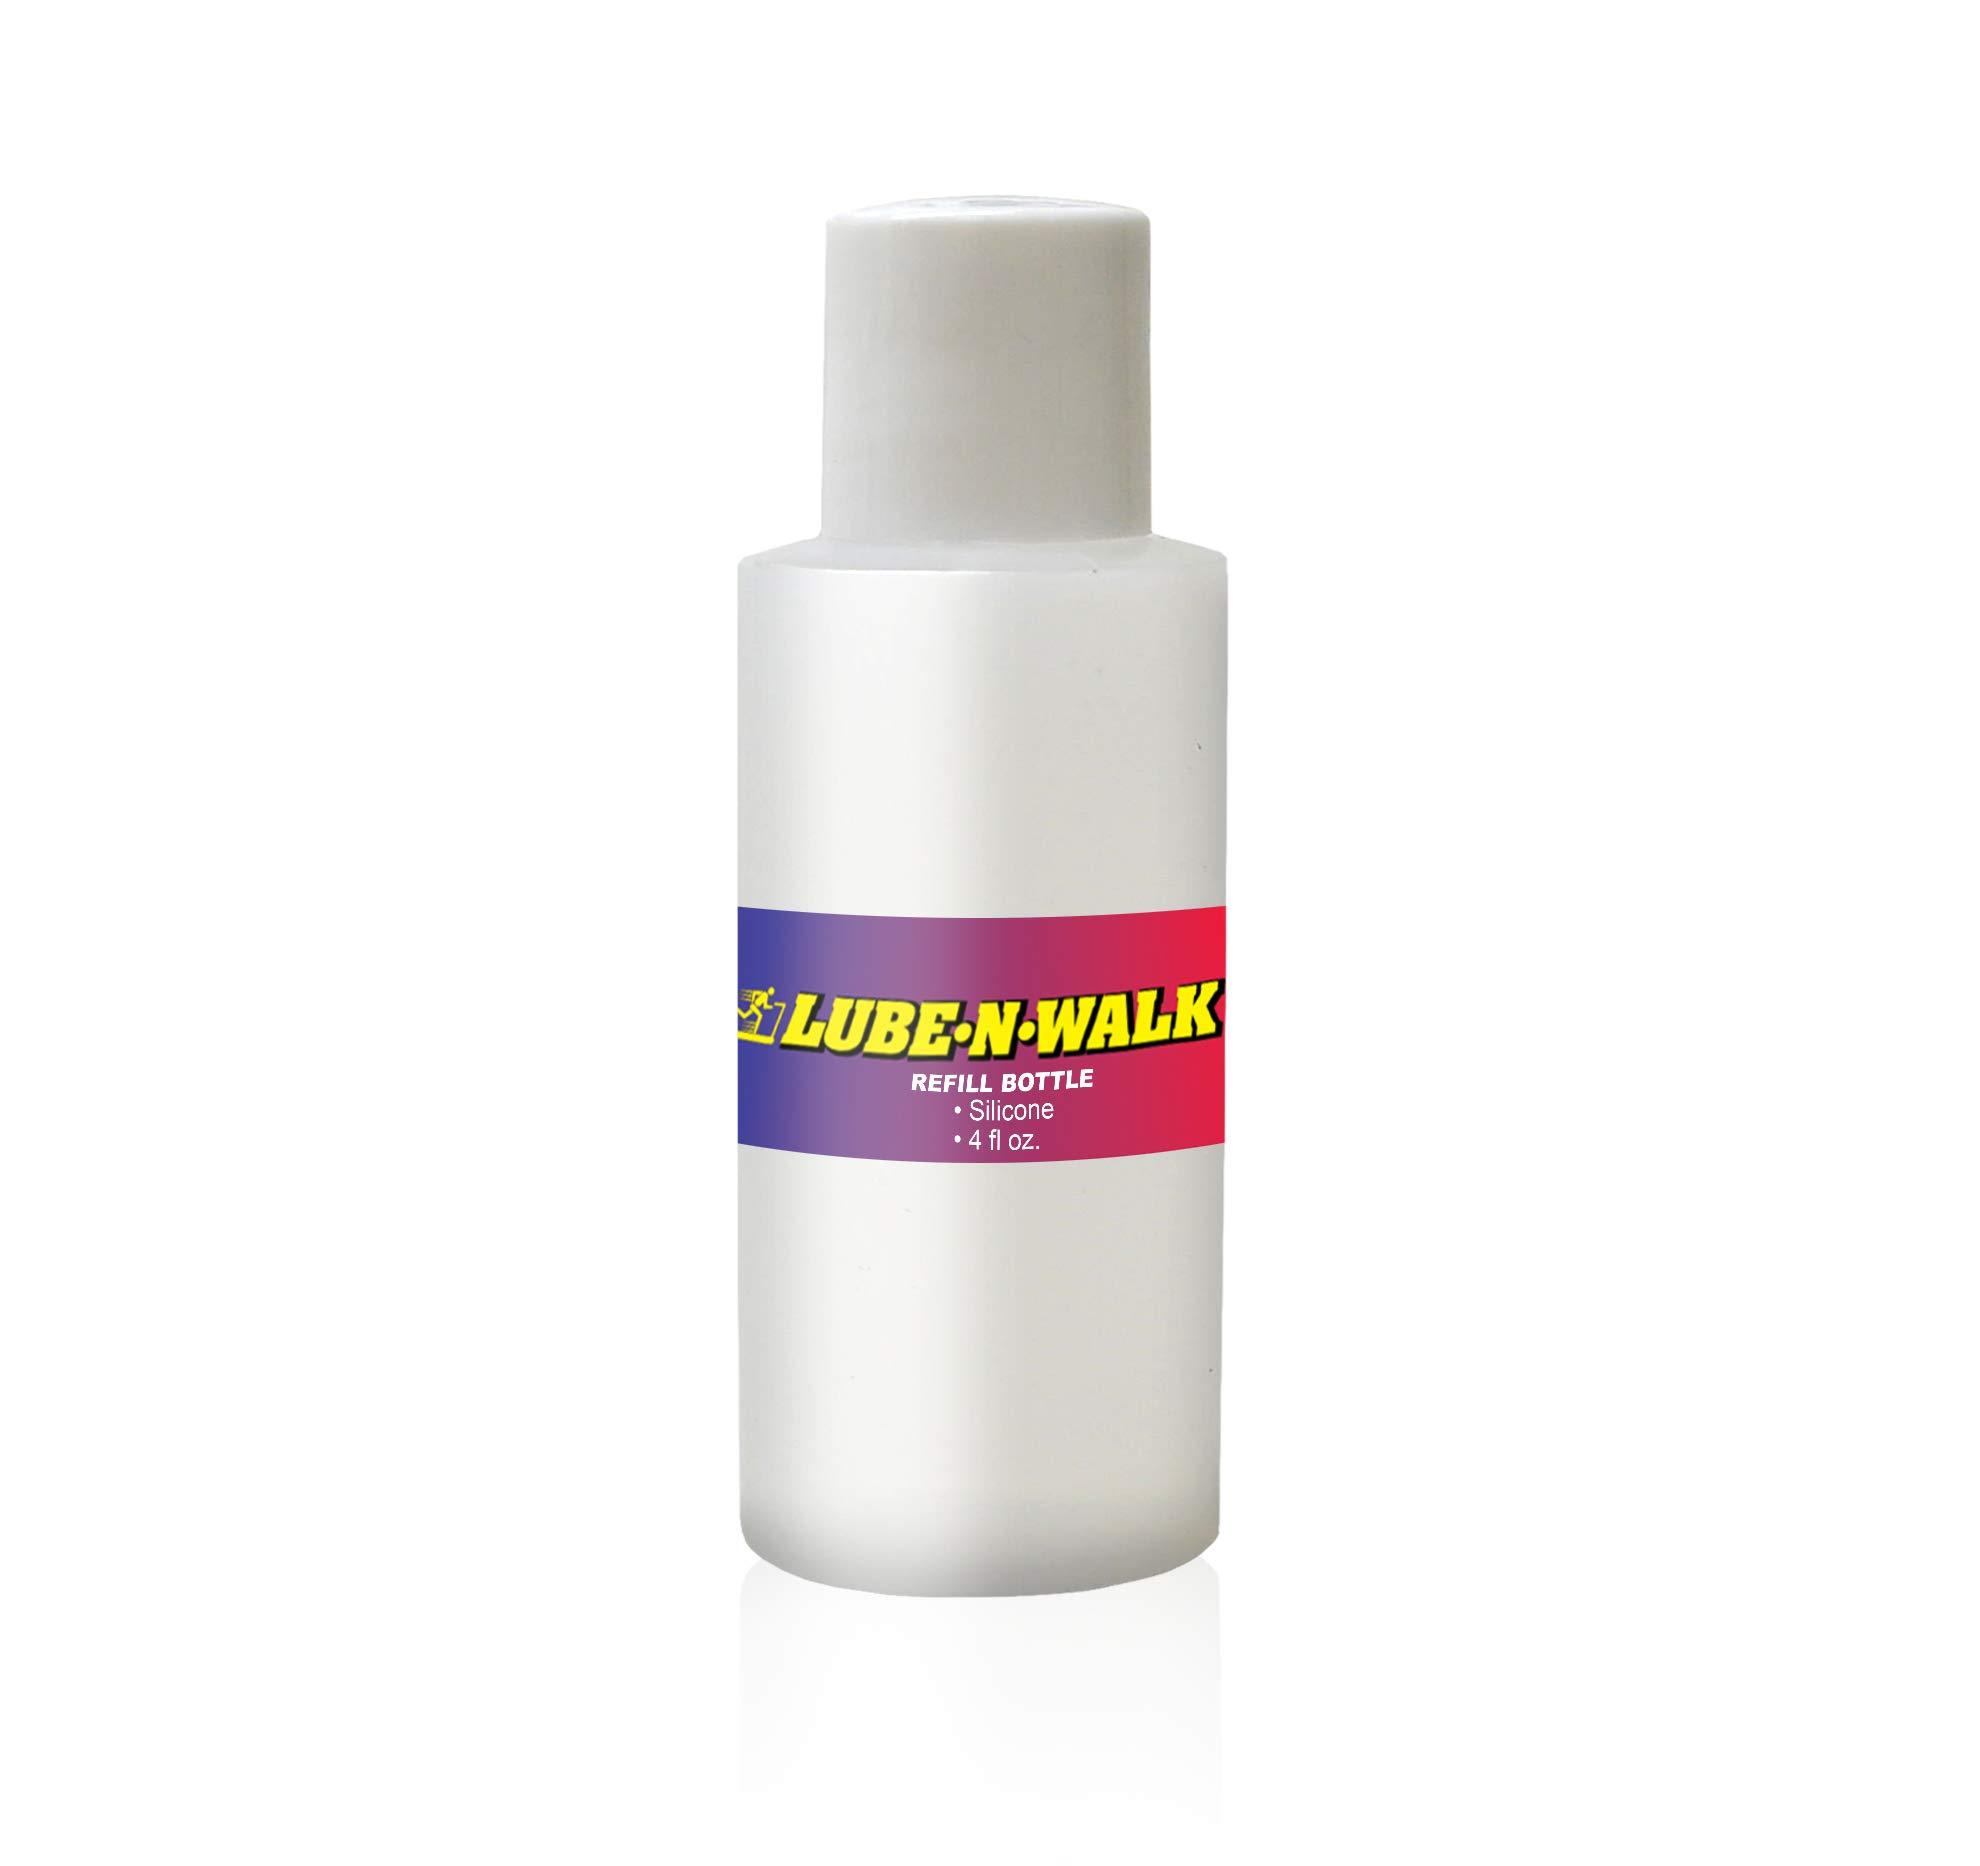 Lube-N-Walk 4 oz. Silicone Refill Bottle Red, 7'' 2'' x 2'' by Lube-N-Walk